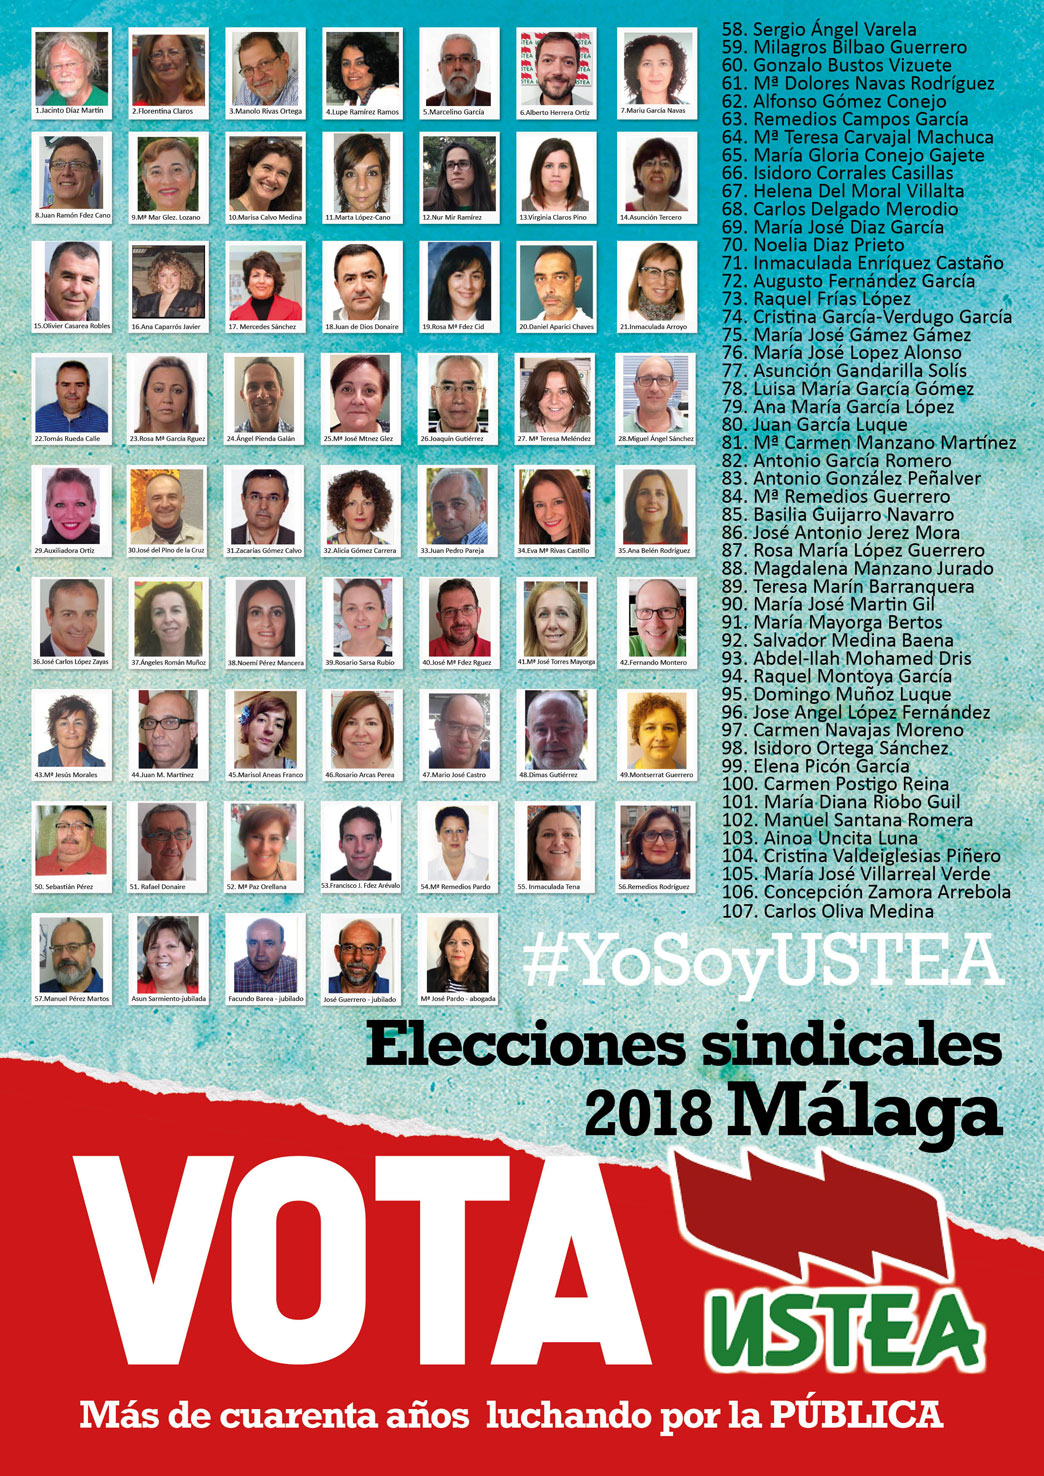 Elecciones sindicales2018 a quién votar Ustea Málaga